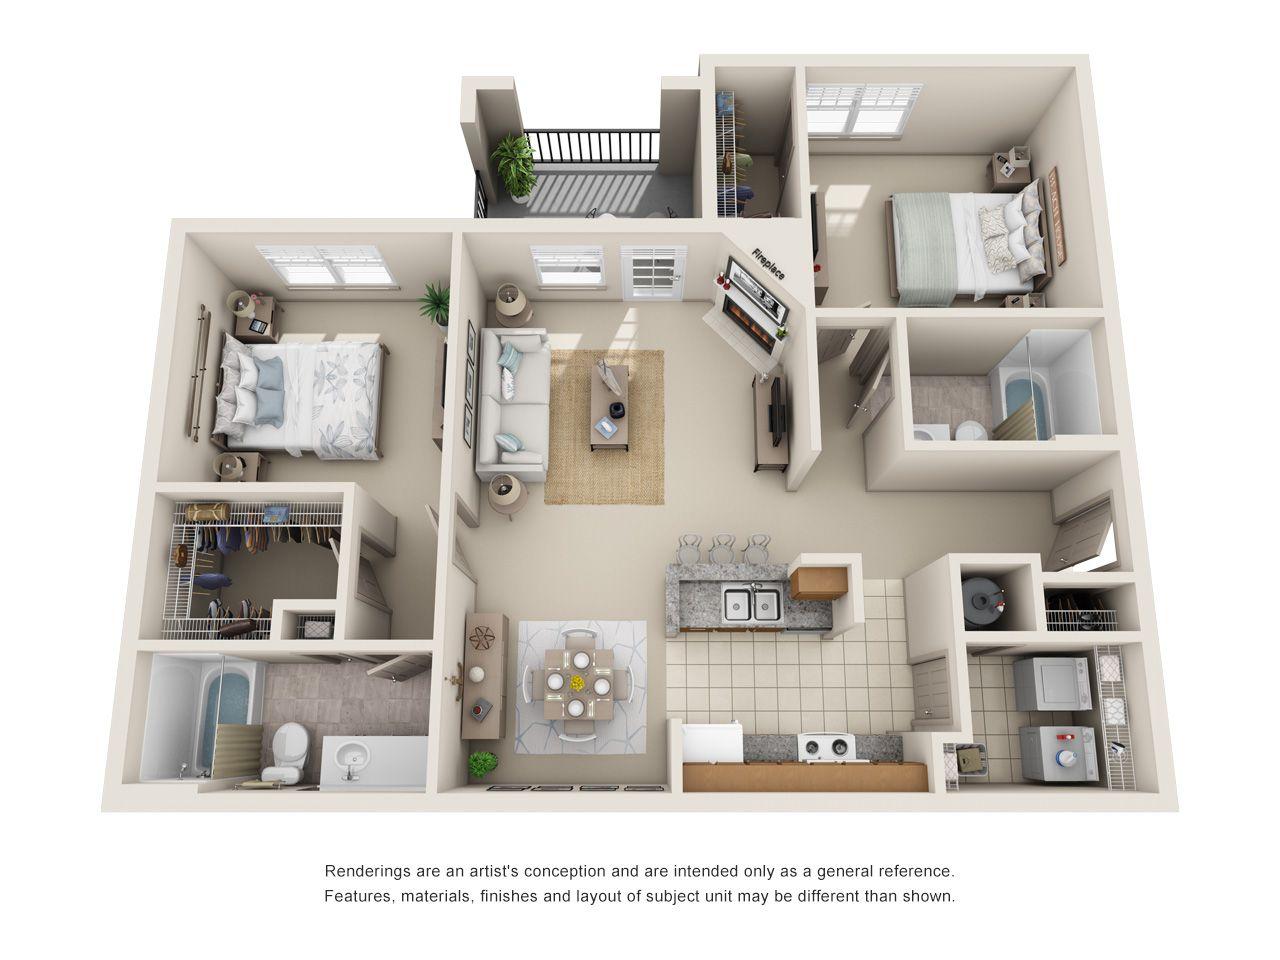 1 2 Bedroom Apartments In Lewisville Tx Floor Plans Lewisville Texas Apartme 2 Bedroom Apartment Floor Plan Apartment Layout Studio Apartment Layout